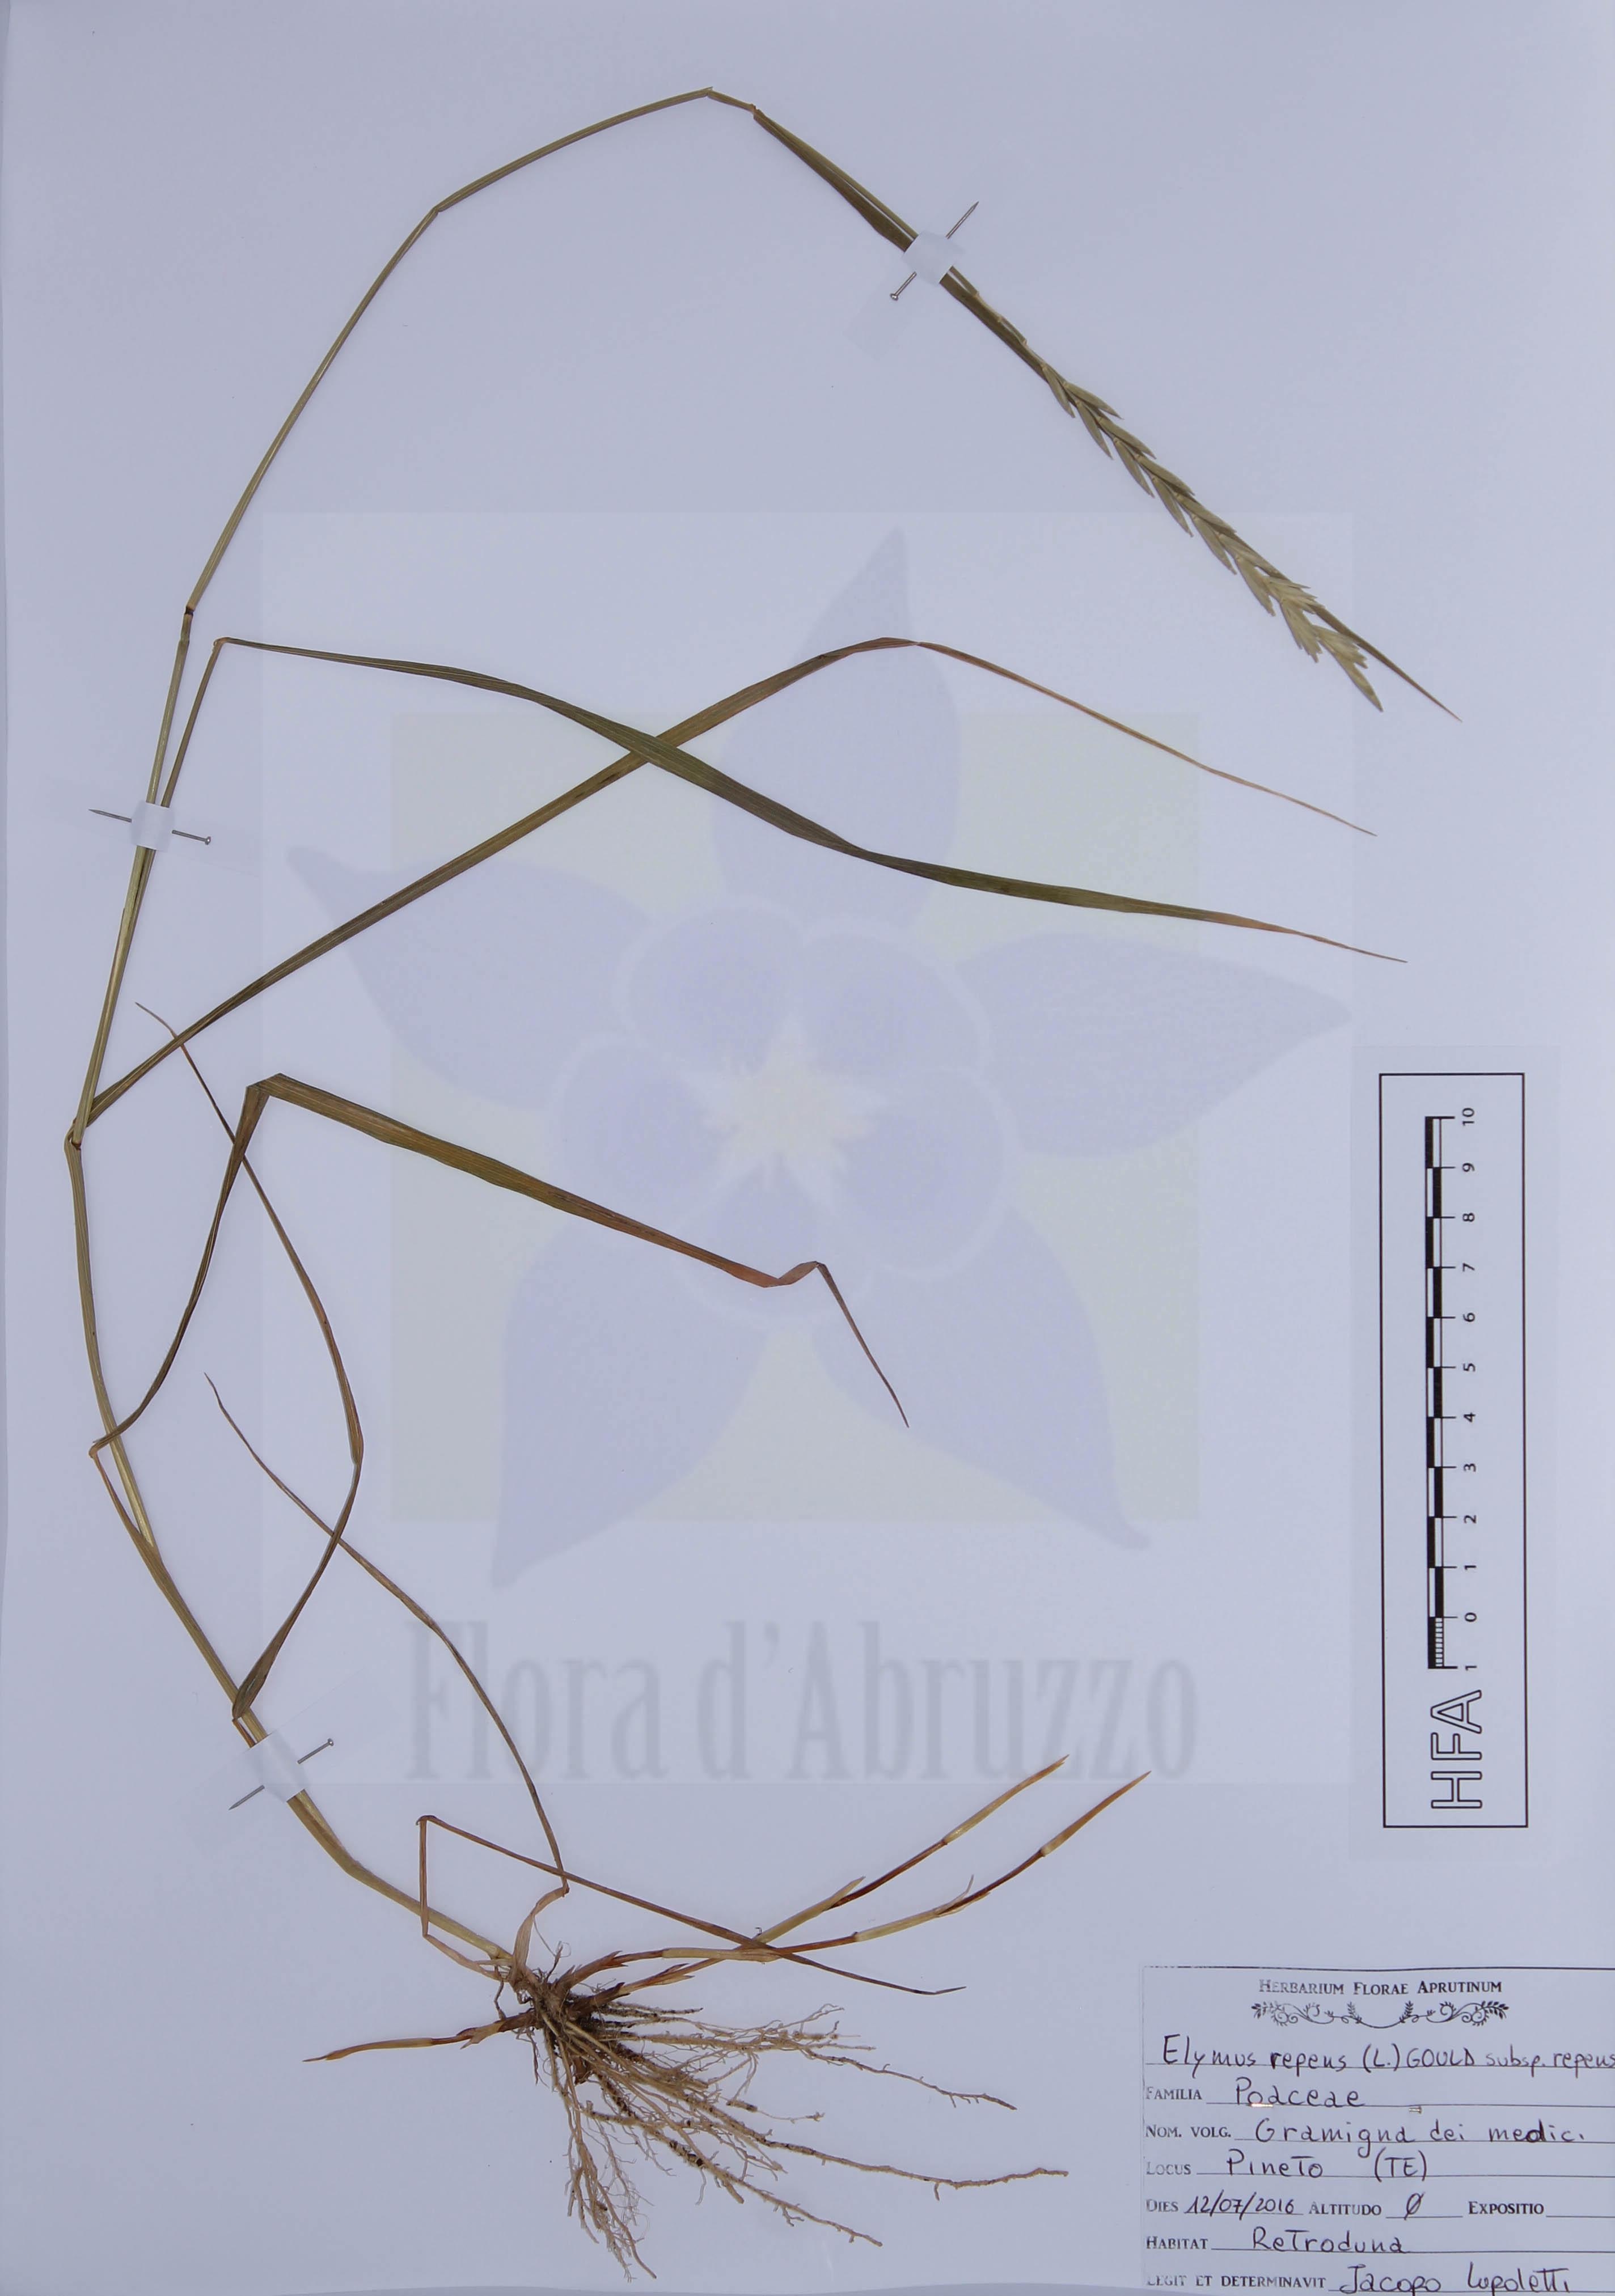 Elymus repens (L.) Gould subsp. repens